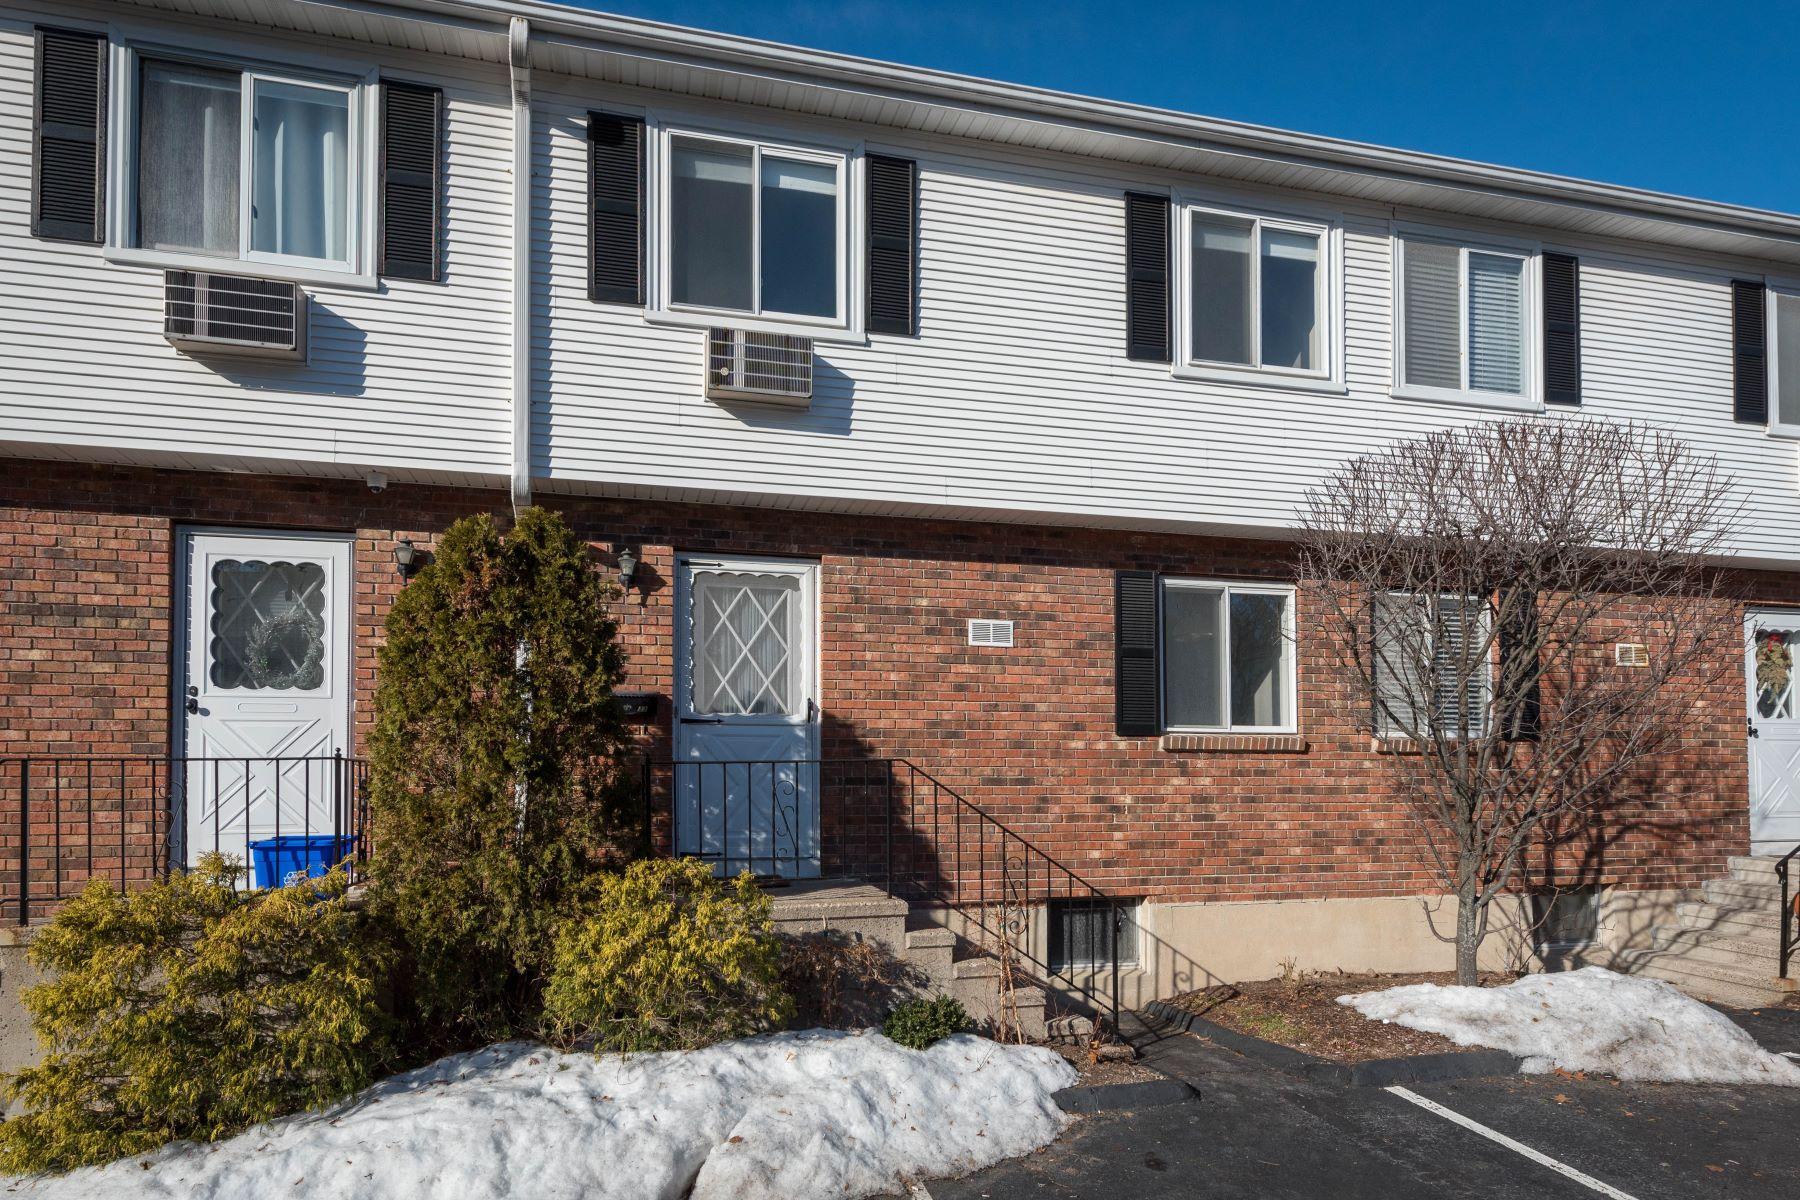 Condominium for Rent at Springbrook Terrace 36 Cerretta Street 33, Stamford, Connecticut, 06907 United States